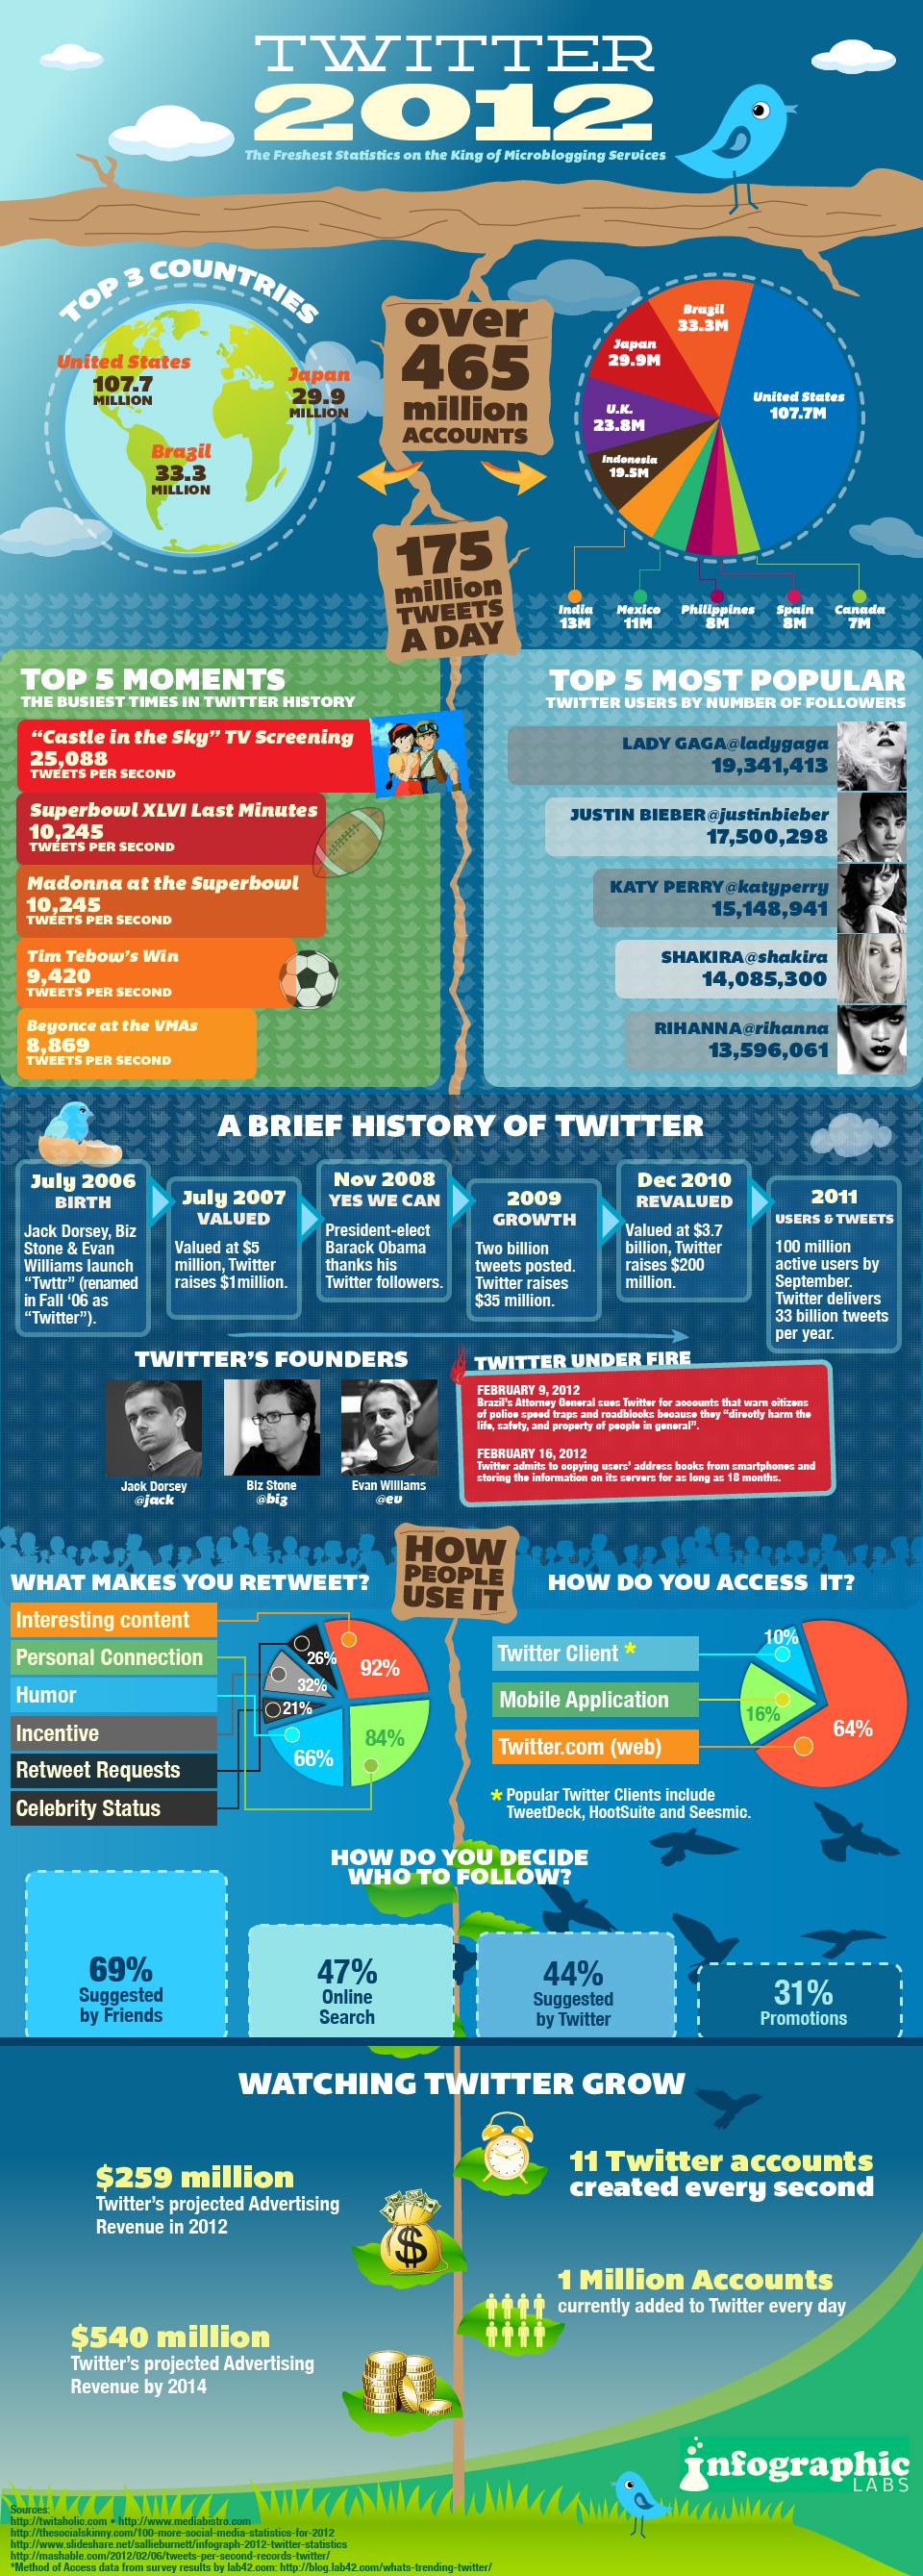 Les dernières statistiques de Twitter en image [infographie]